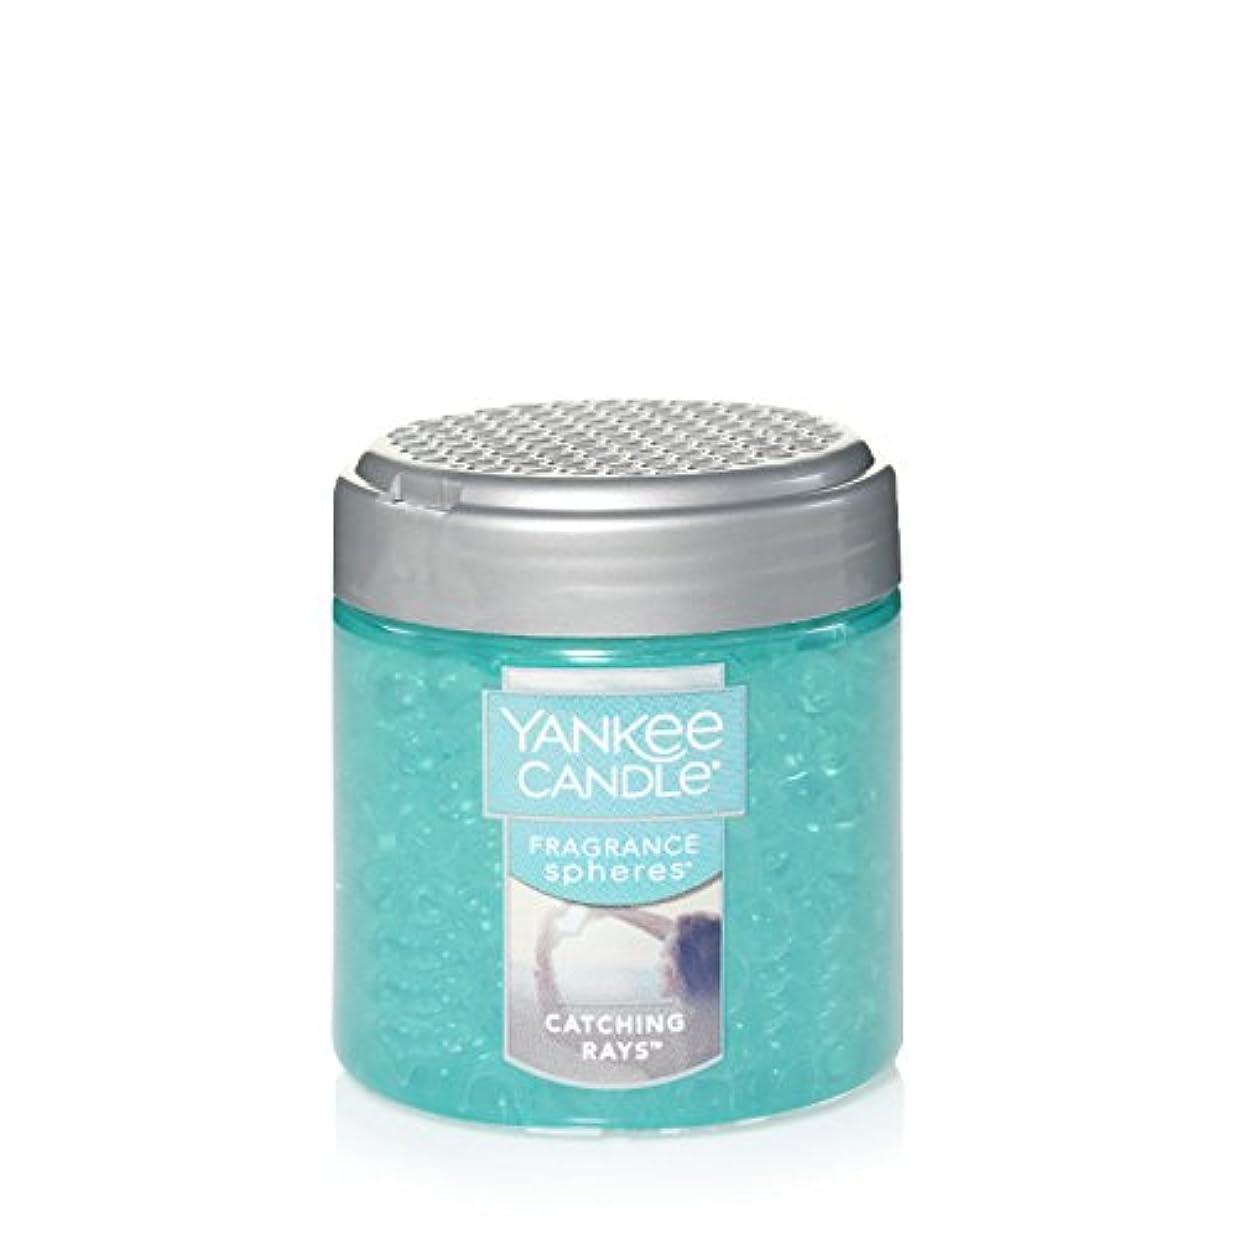 ロードハウス地域の制裁(ヤンキーキャンドル) Yankee Candle Lサイズ ジャーキャンドル Fragrance Spheres 1547233